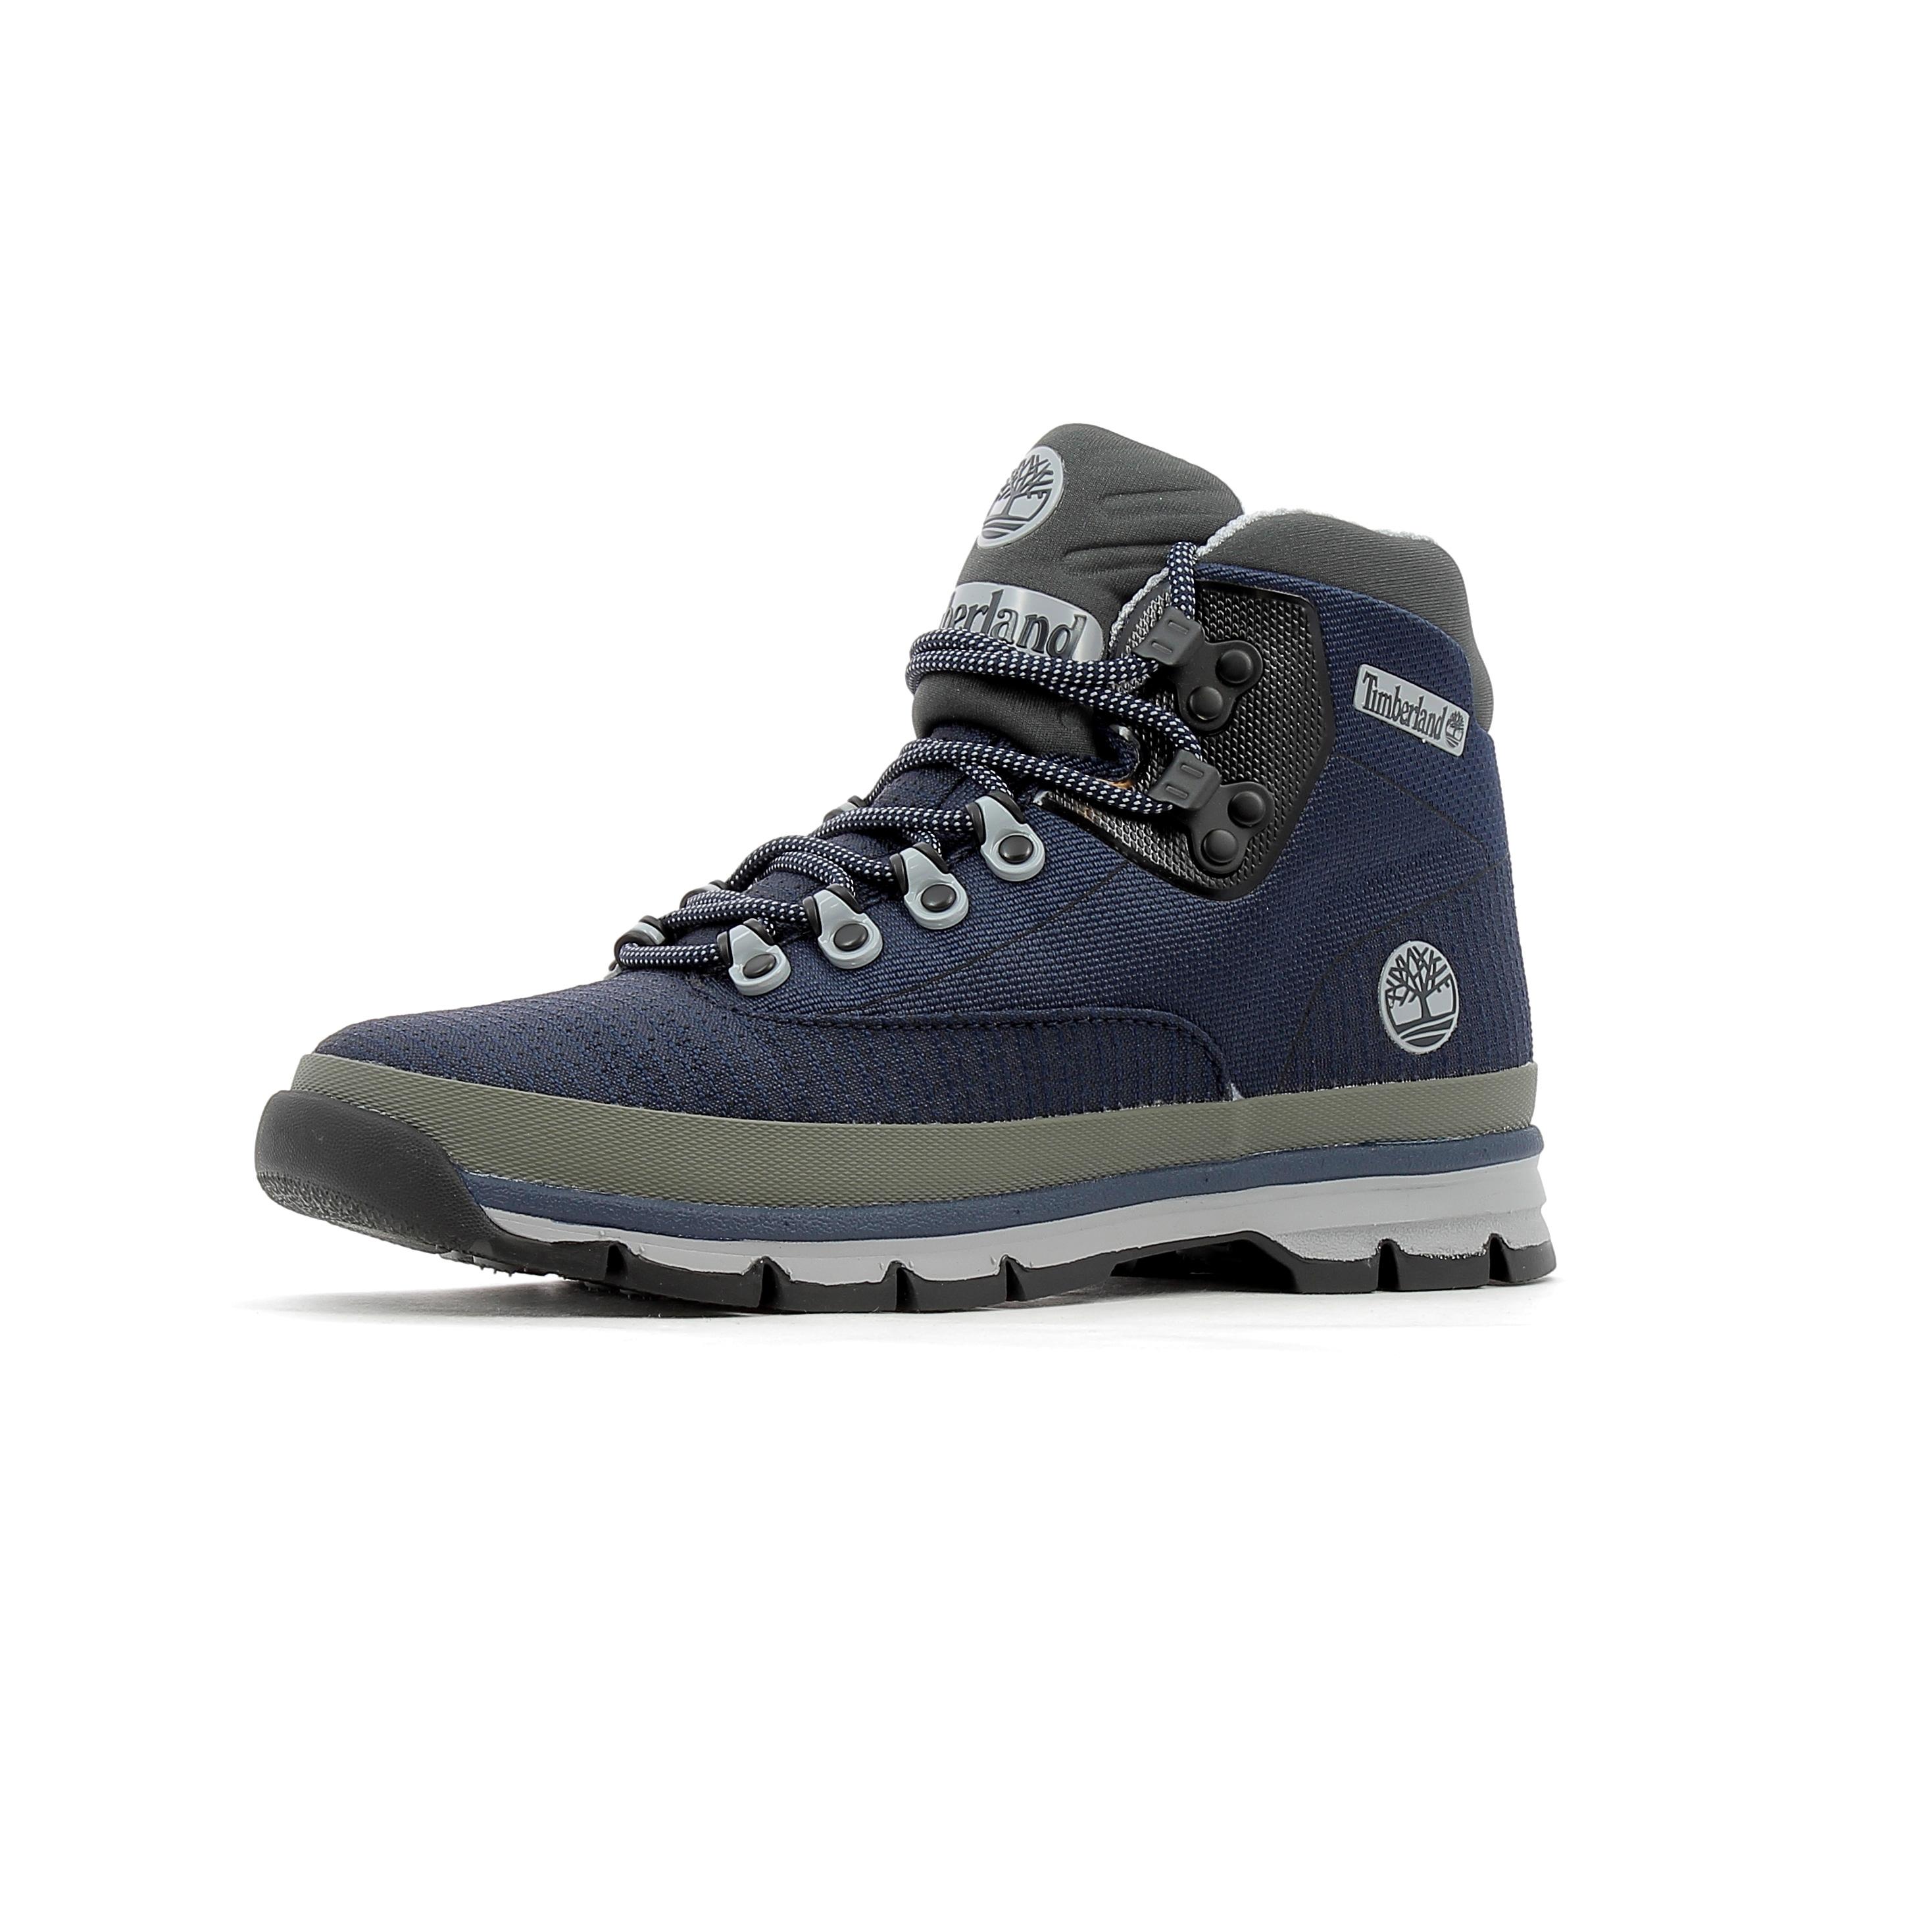 4808aca59e6 Chaussures de randonnée Timberland Euro Hiker Jacquard